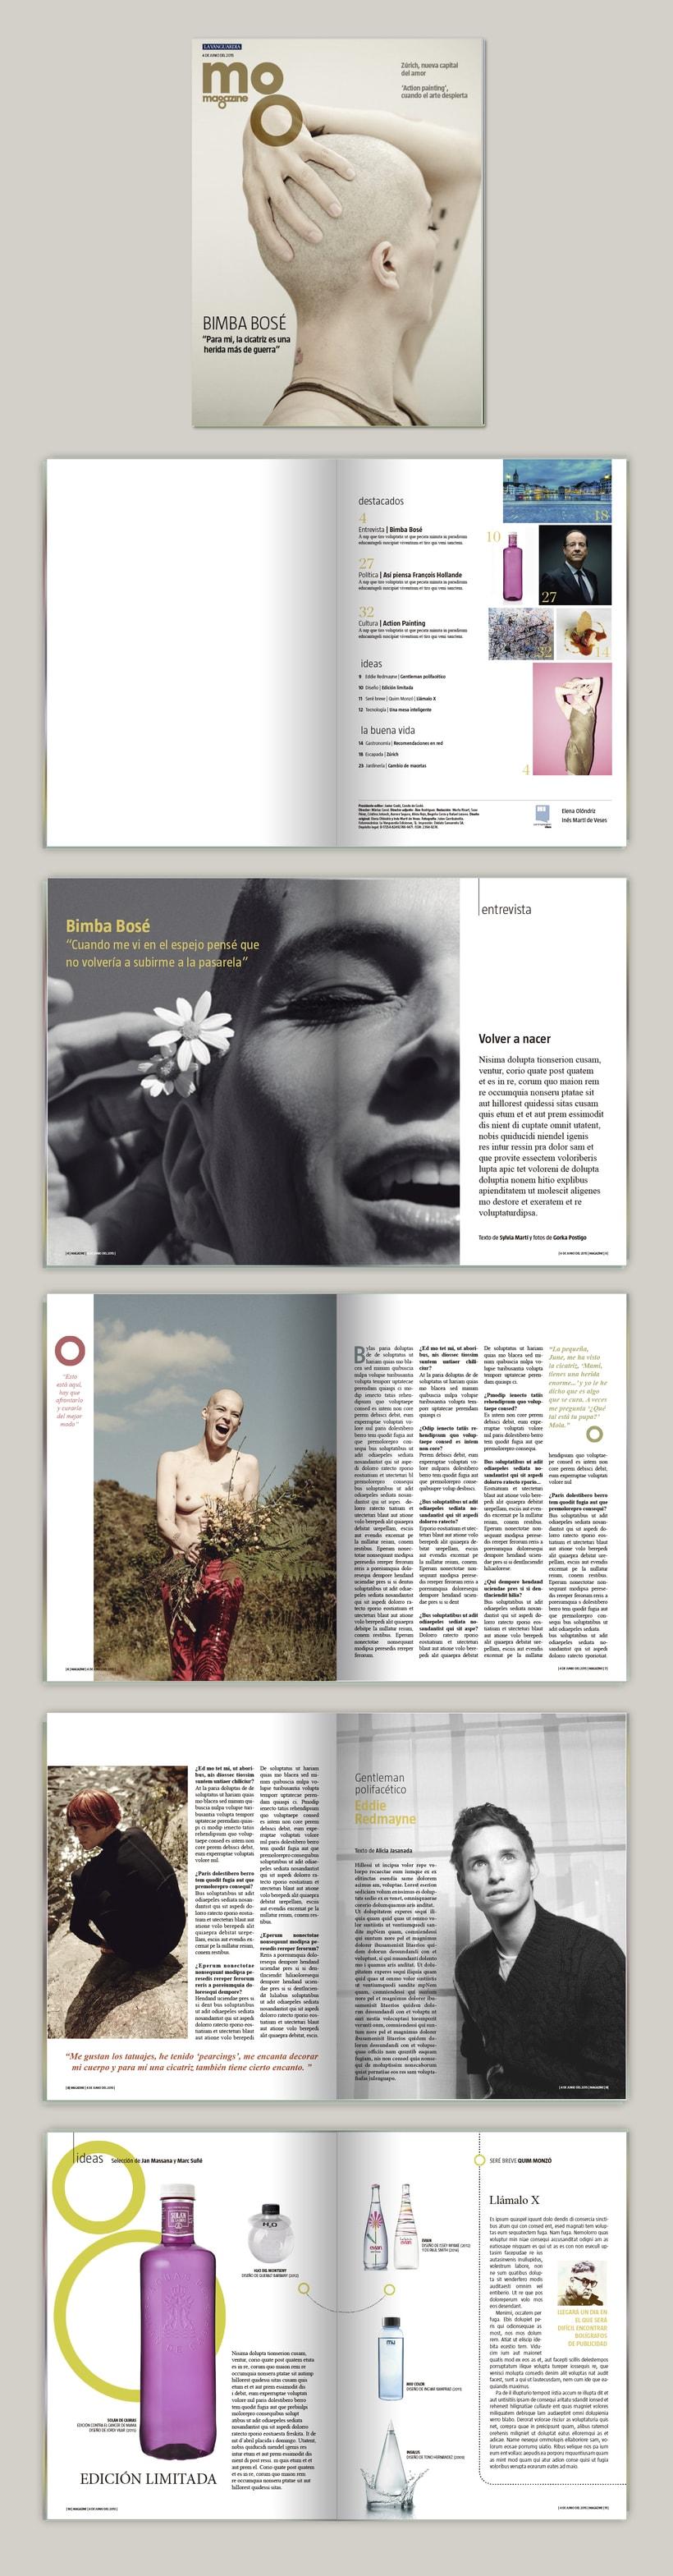 Revista mg 1